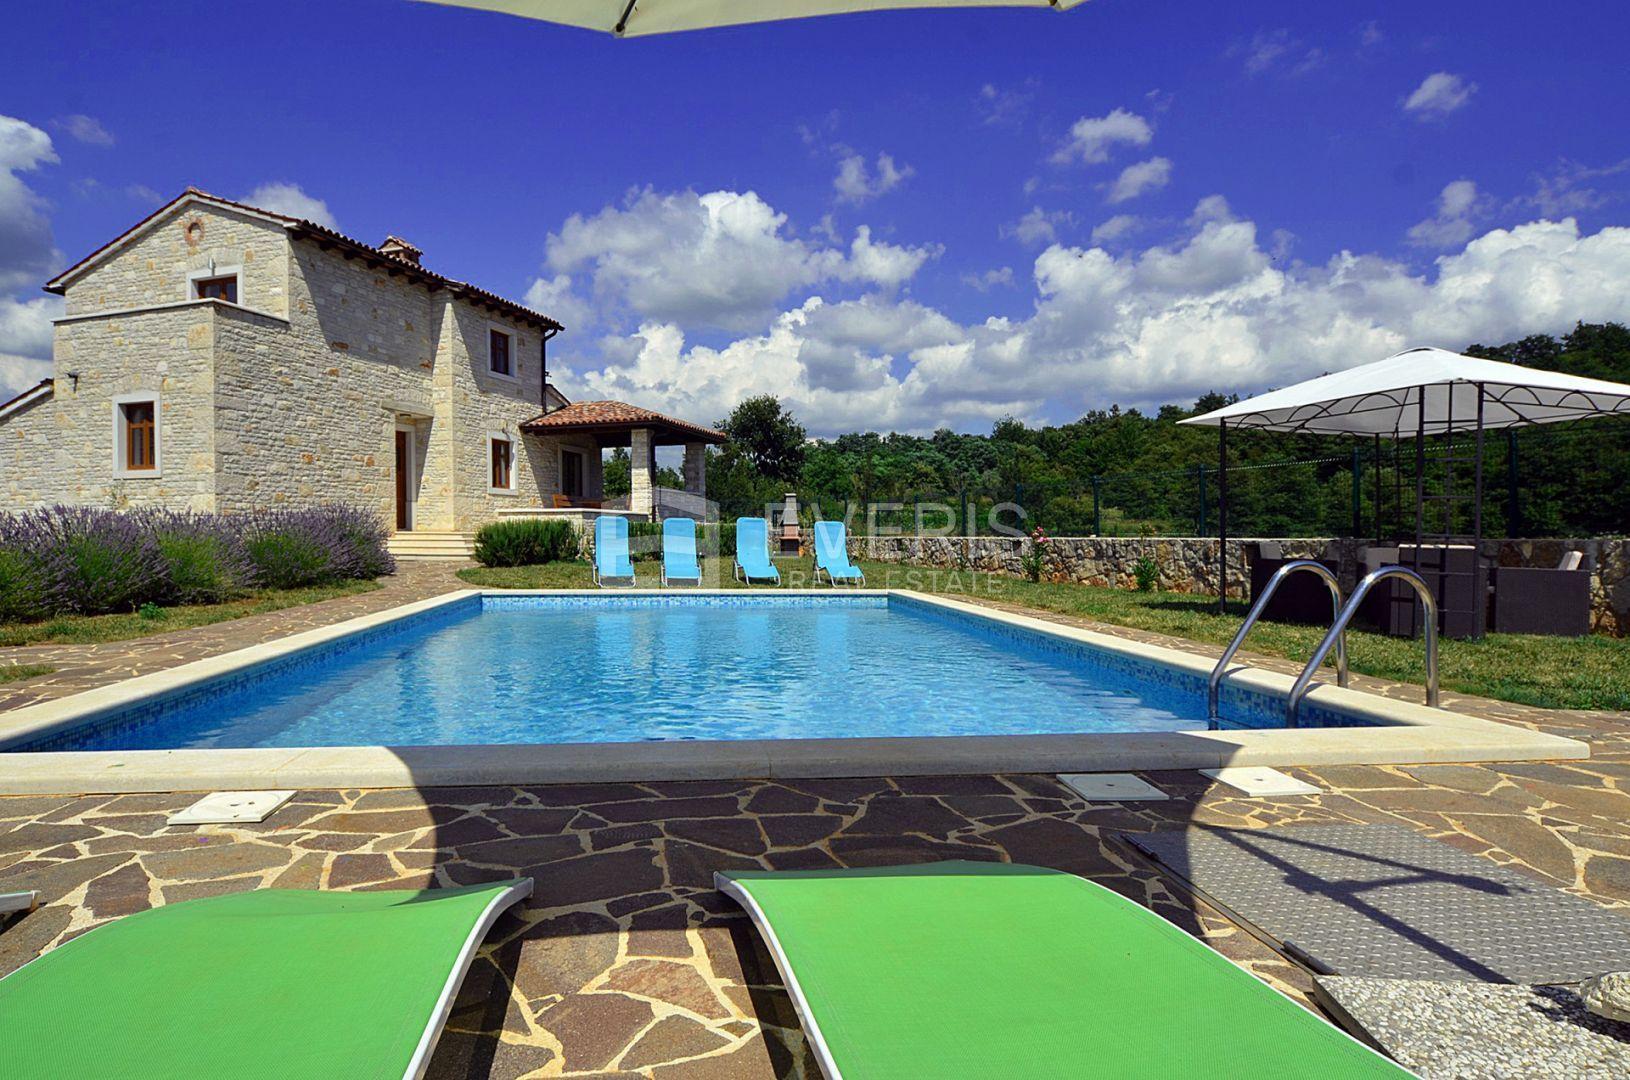 Vila, Istra, 25 km od Rovinja, 180 m2